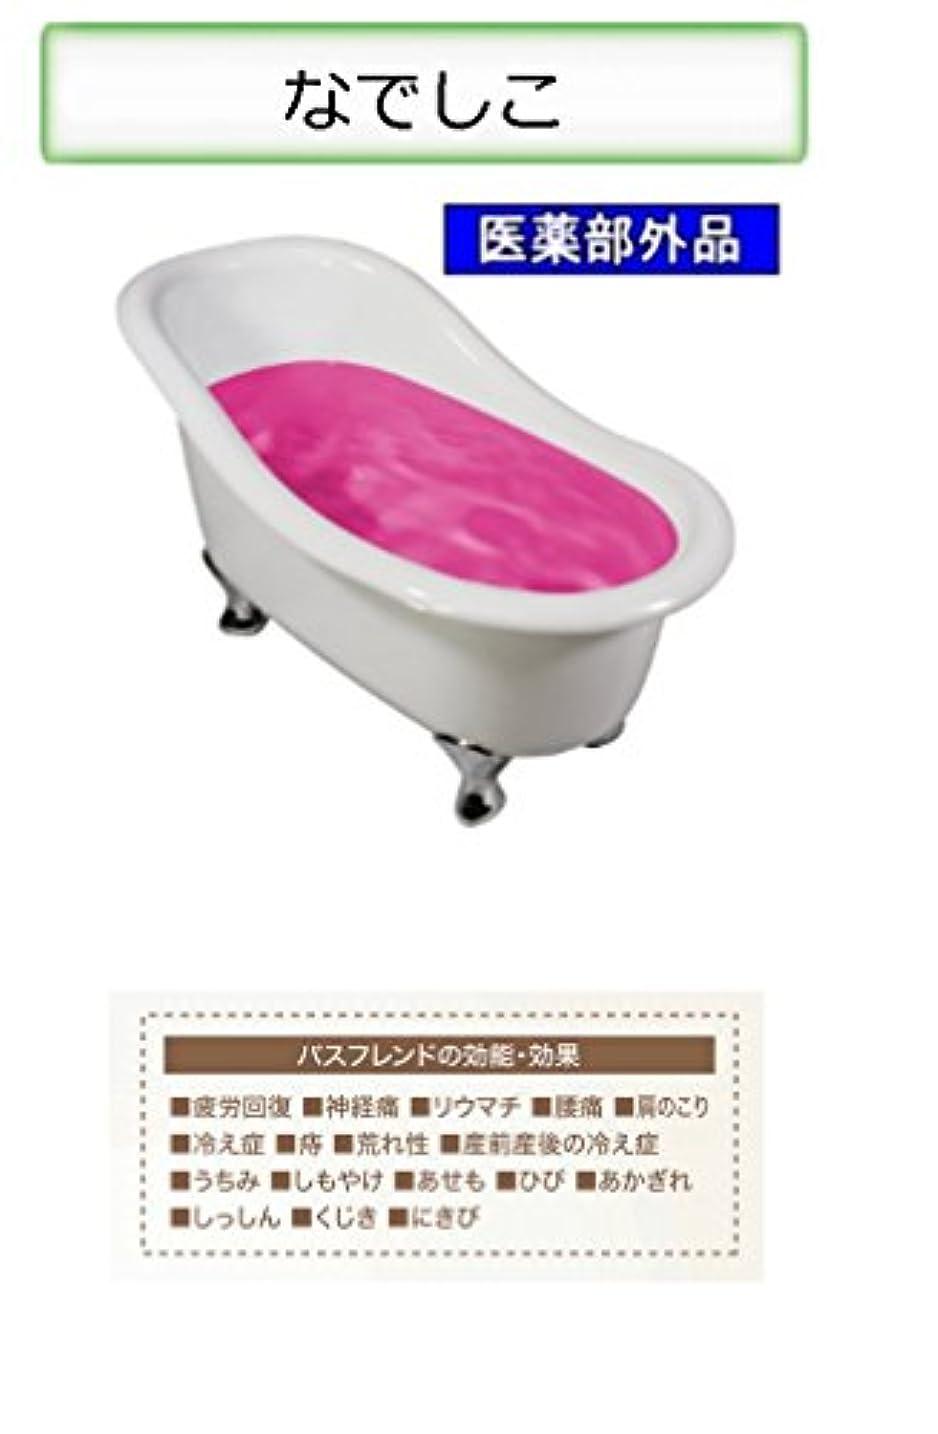 メールを書く乱れ意欲薬用入浴剤 バスフレンド/伊吹正 (なでしこ, 17kg)